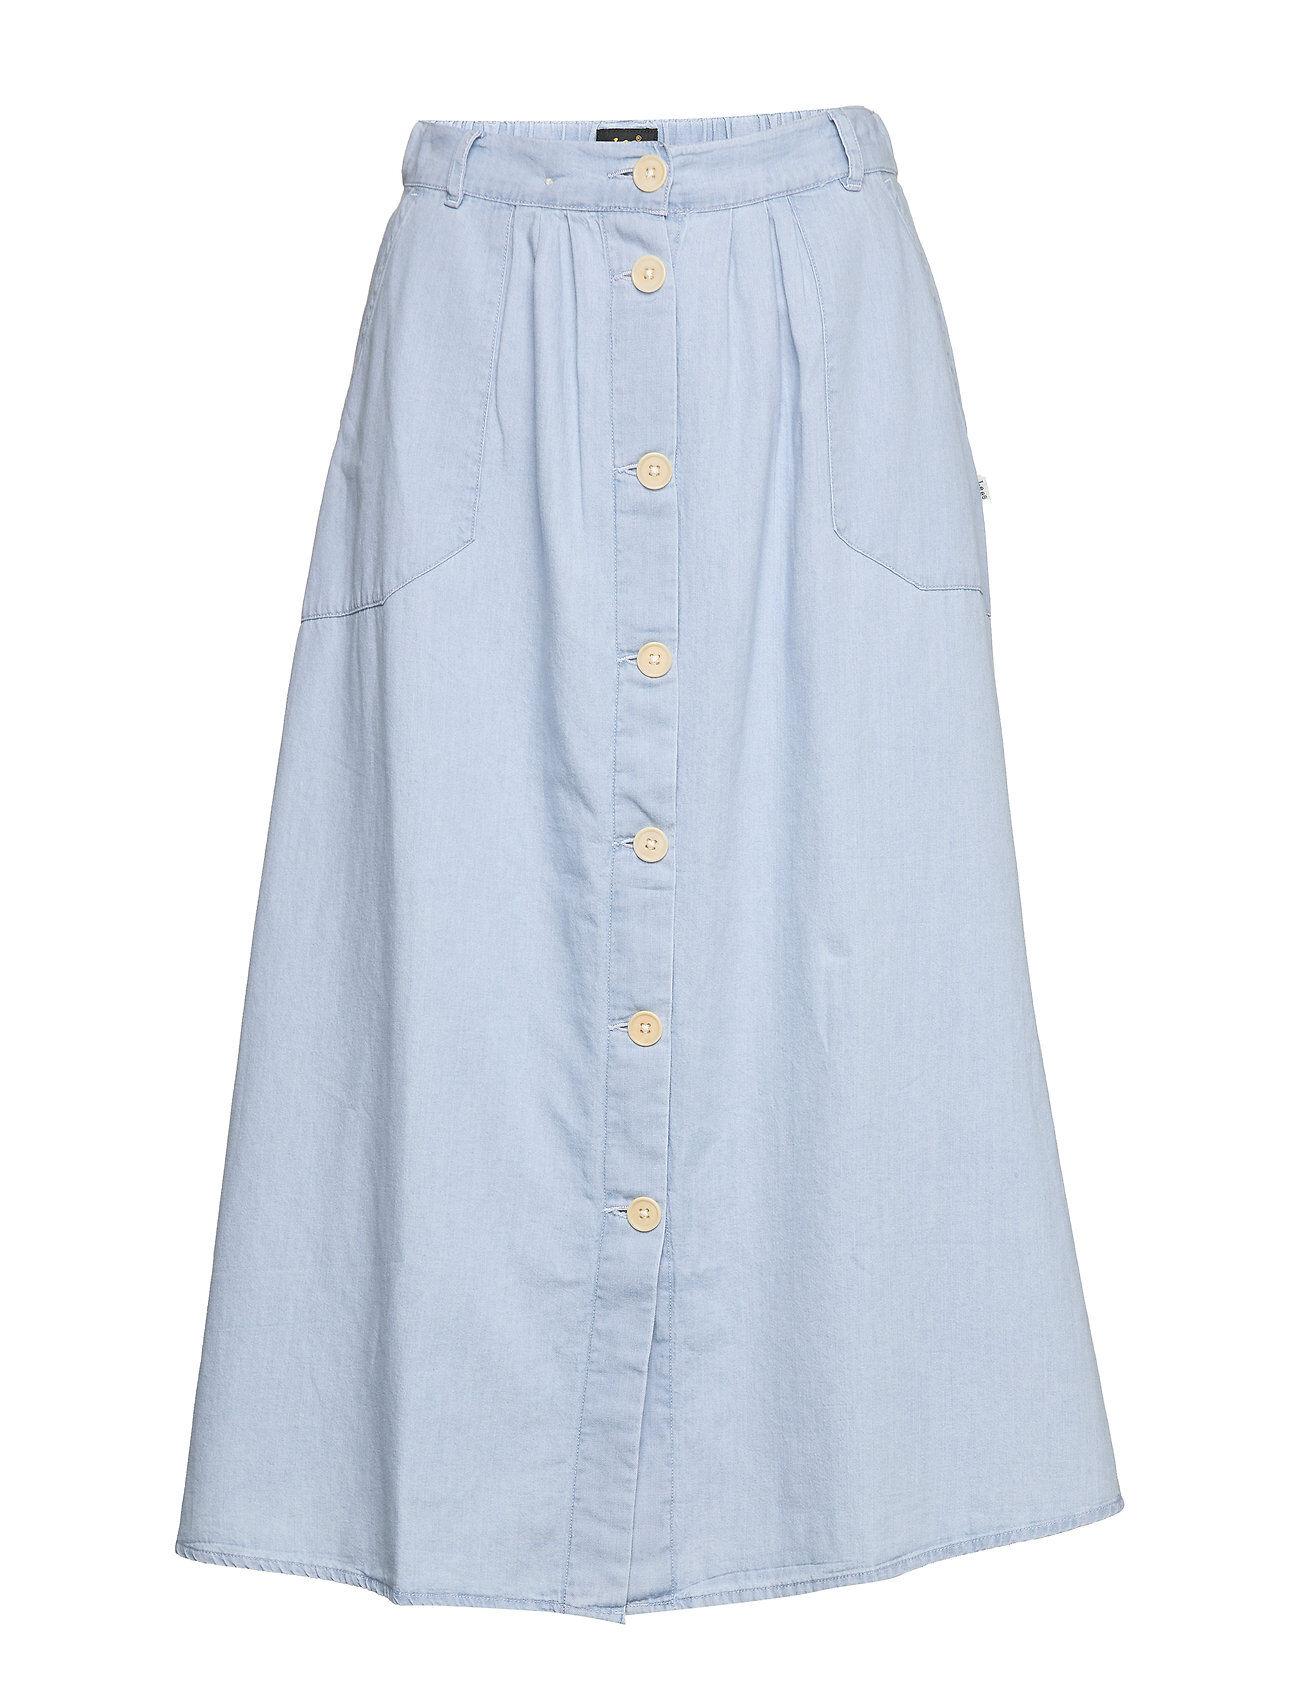 Lee Jeans Chambray Skirt Polvipituinen Hame Sininen Lee Jeans